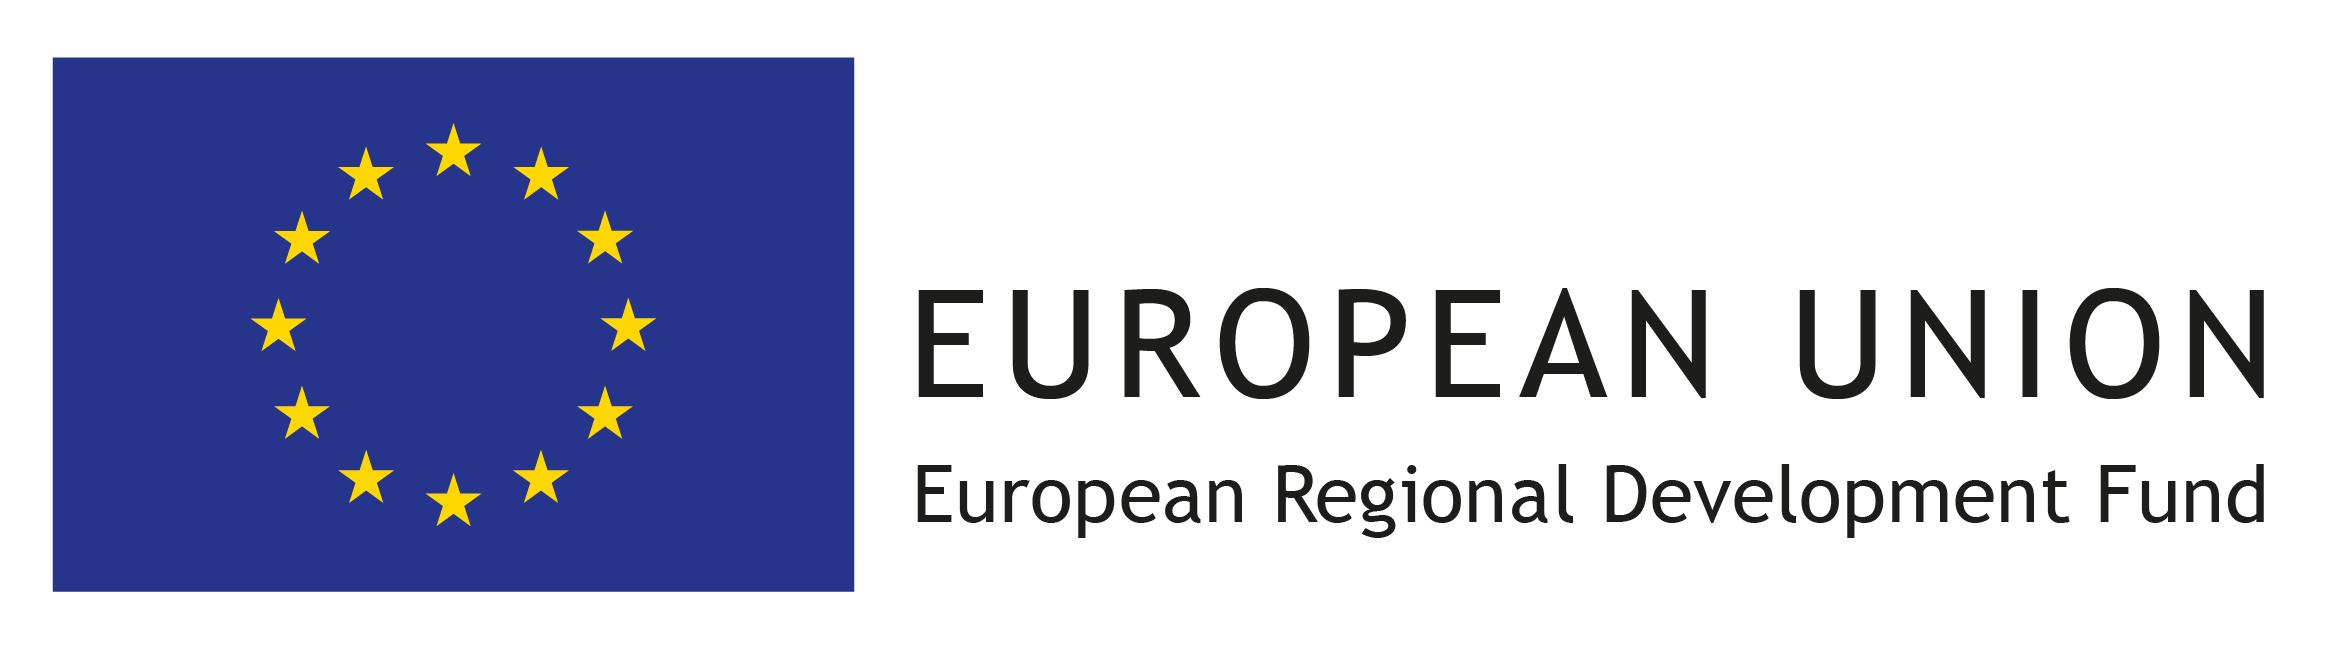 EU-flag-English-horizontal-RGB